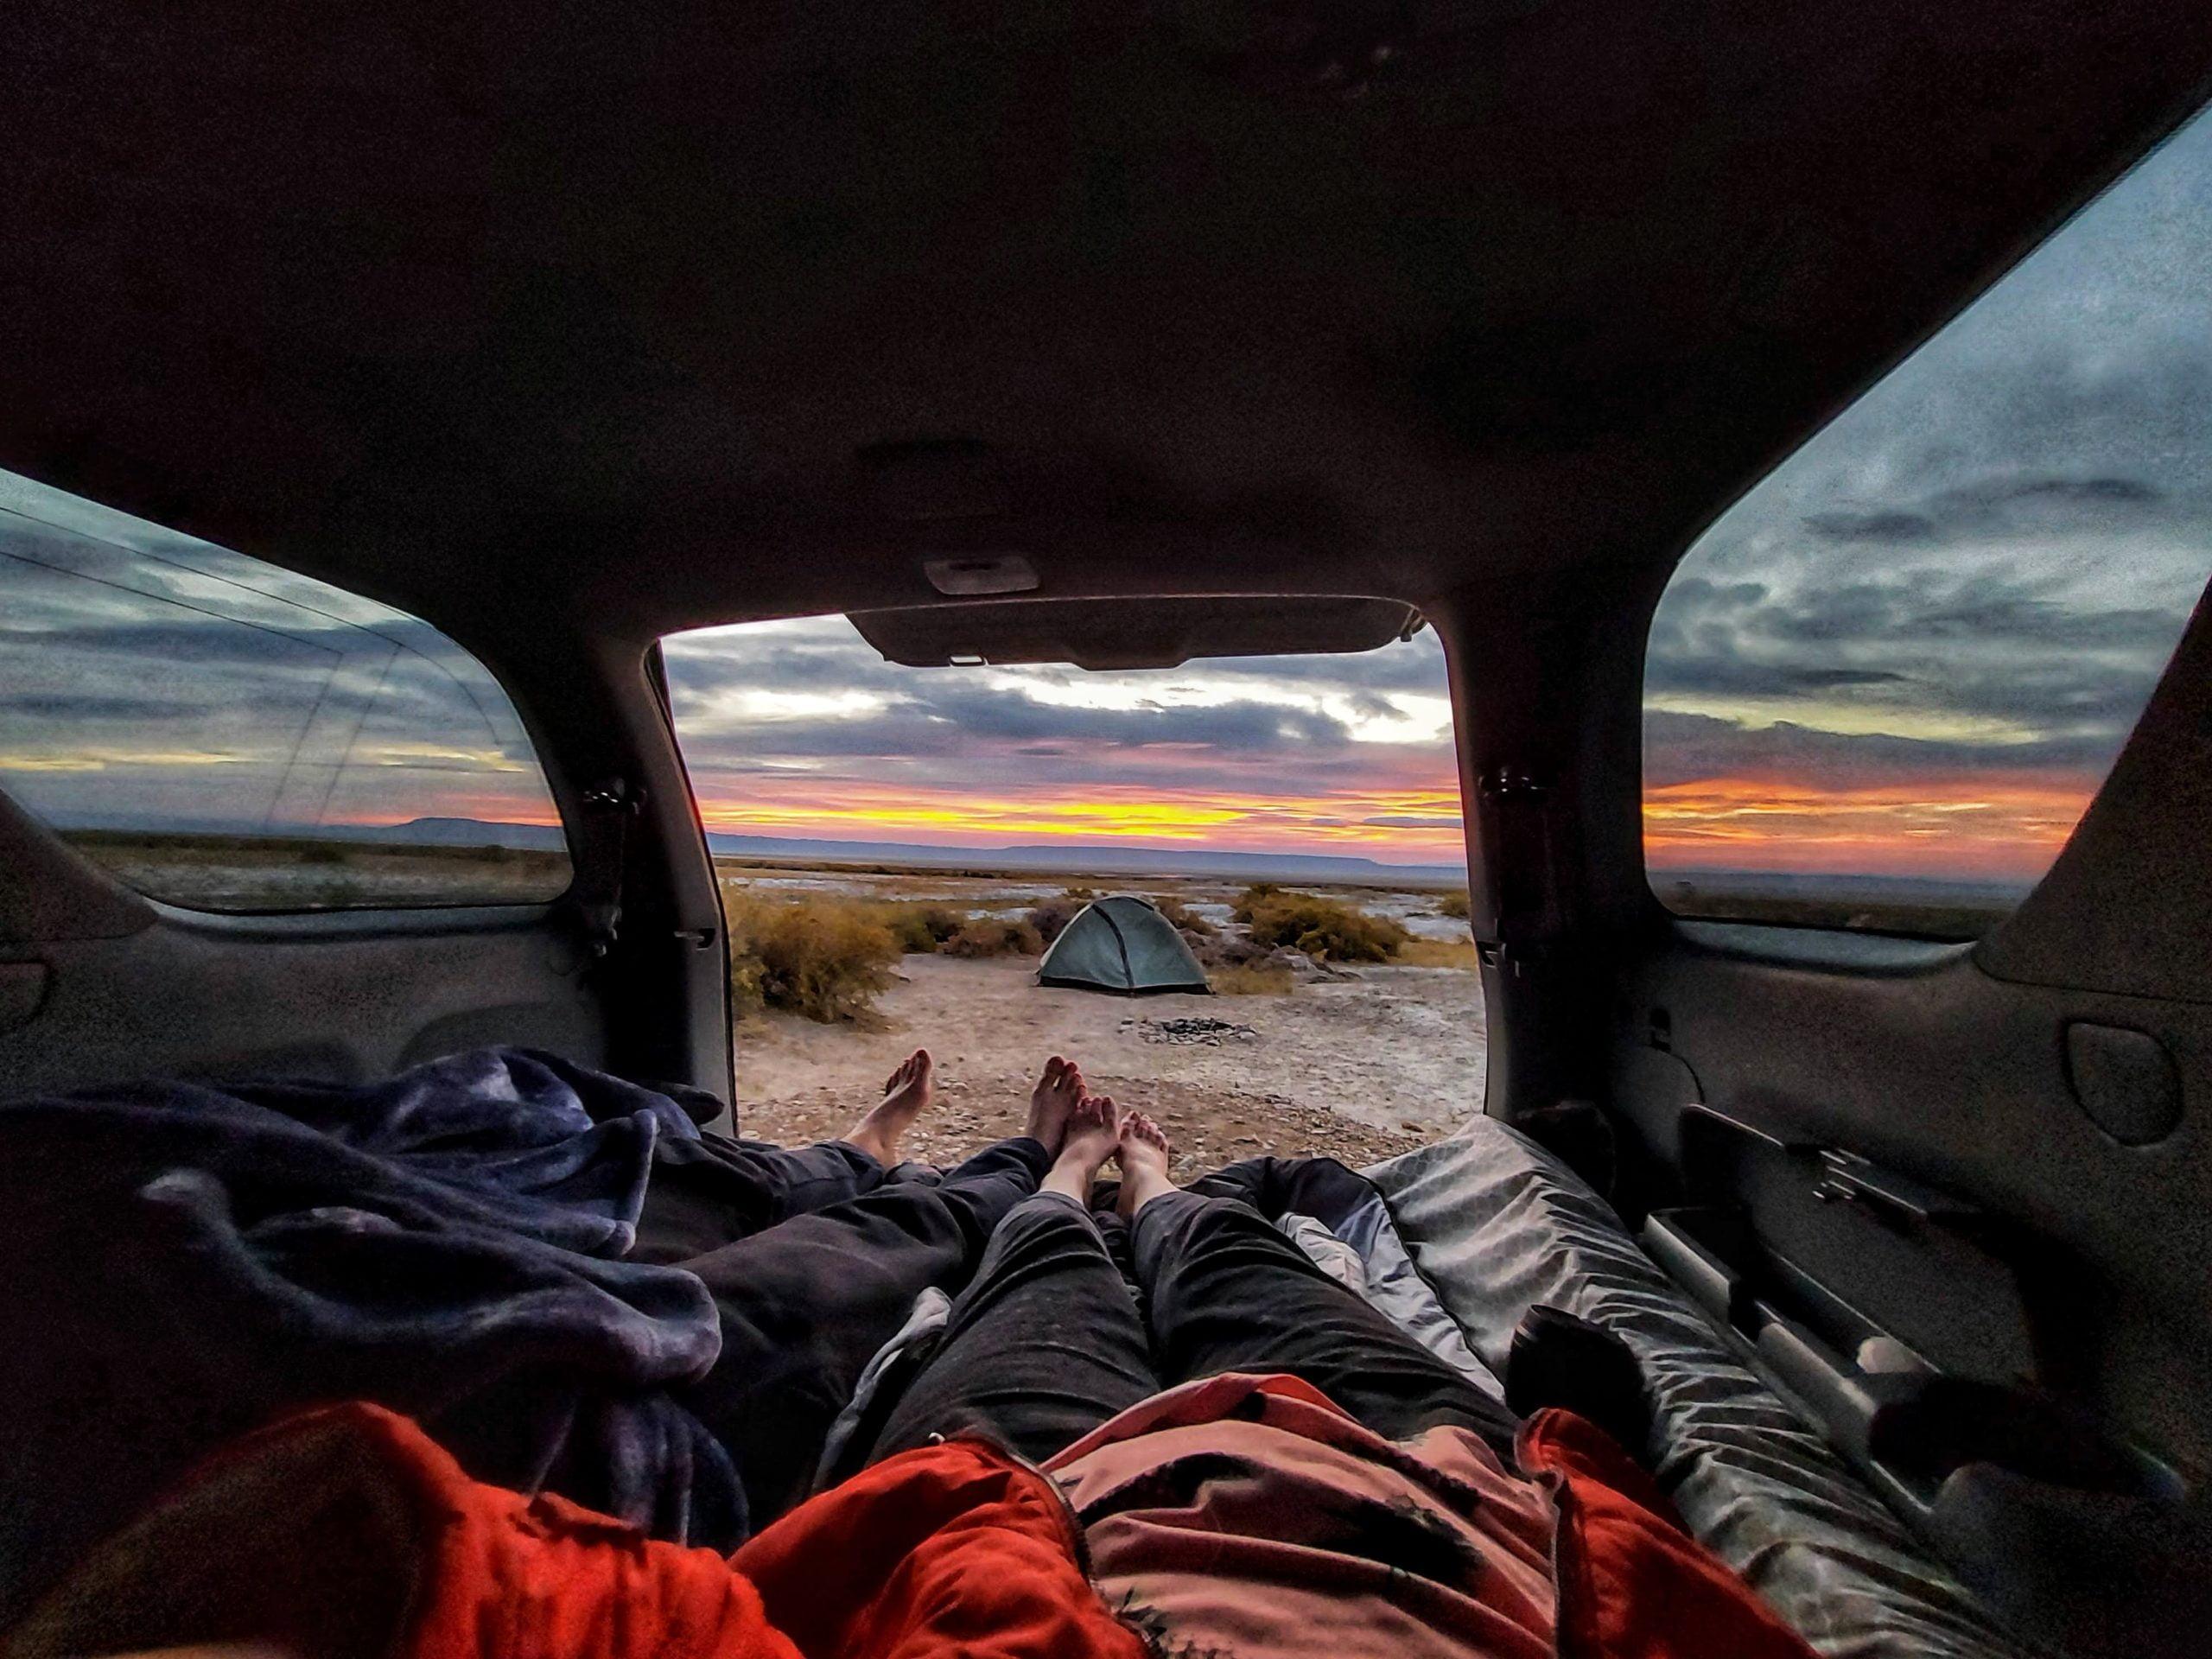 sleeping in car sunrise in the desert